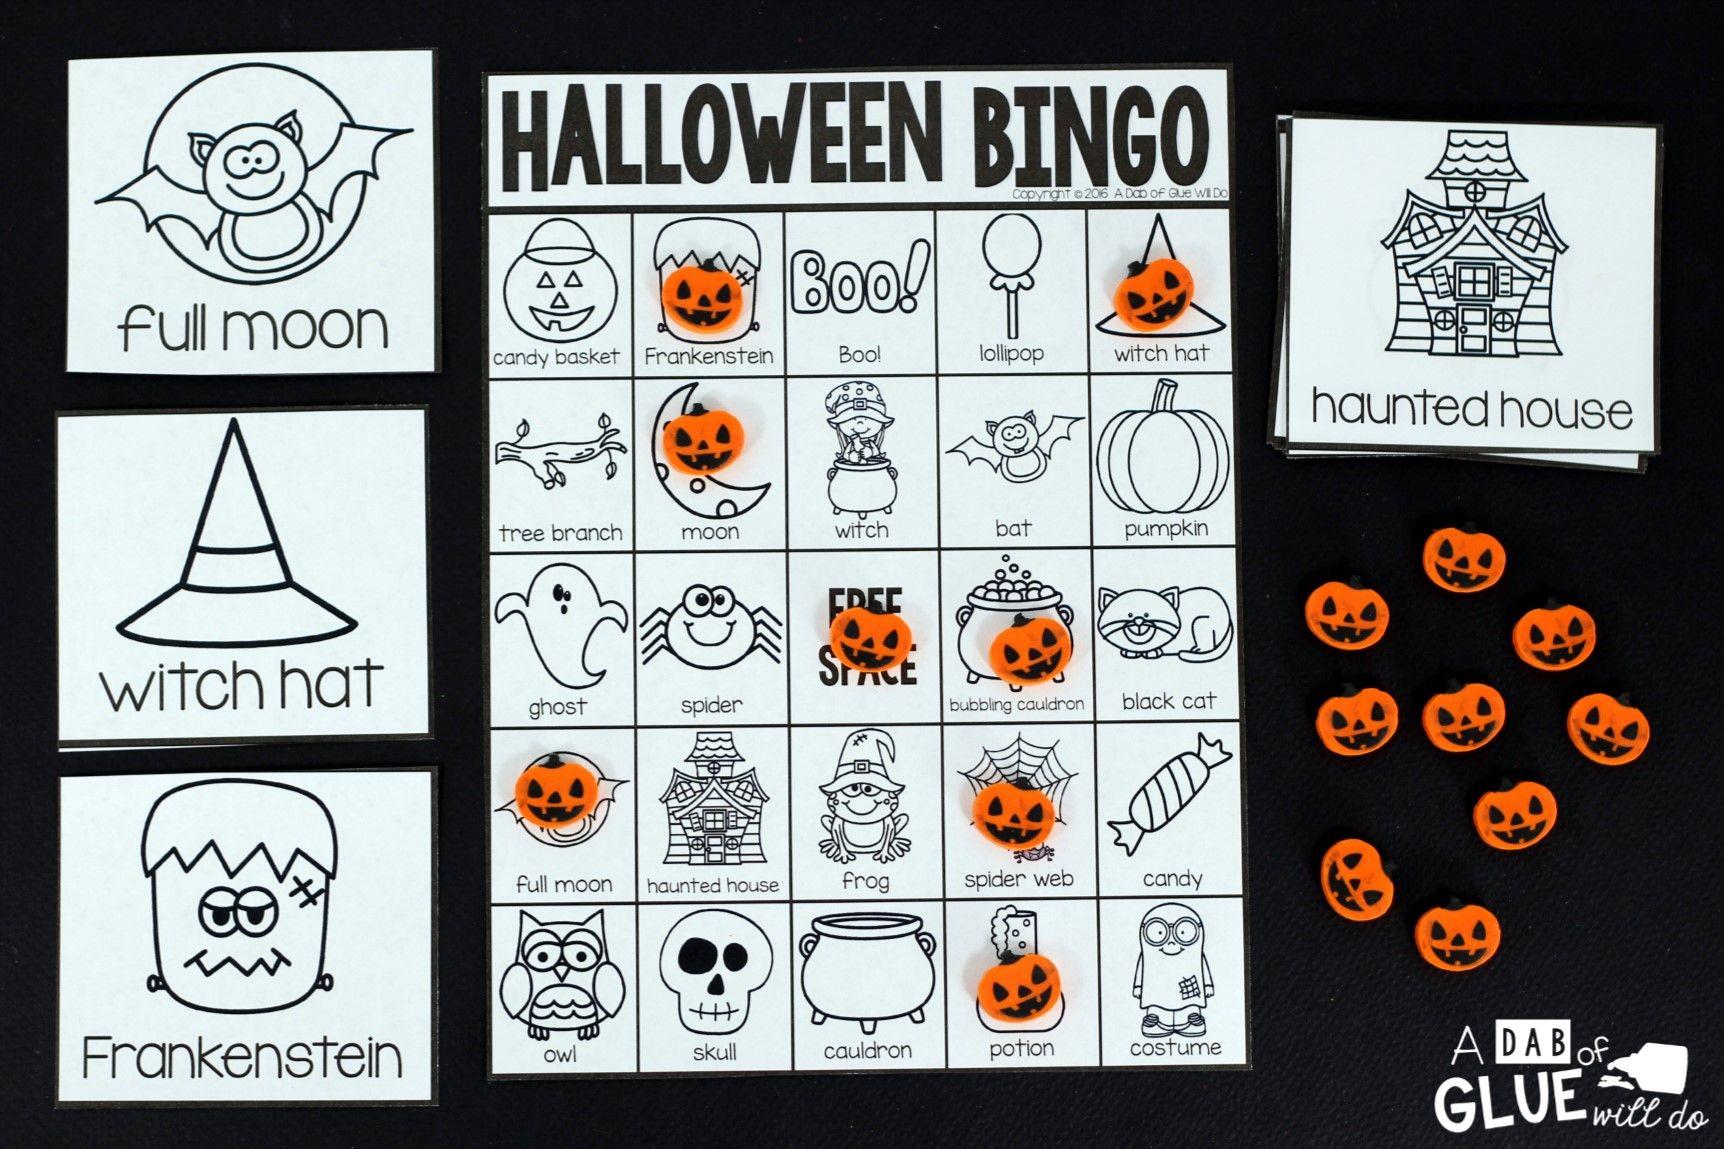 Halloween Bingo Halloween bingo